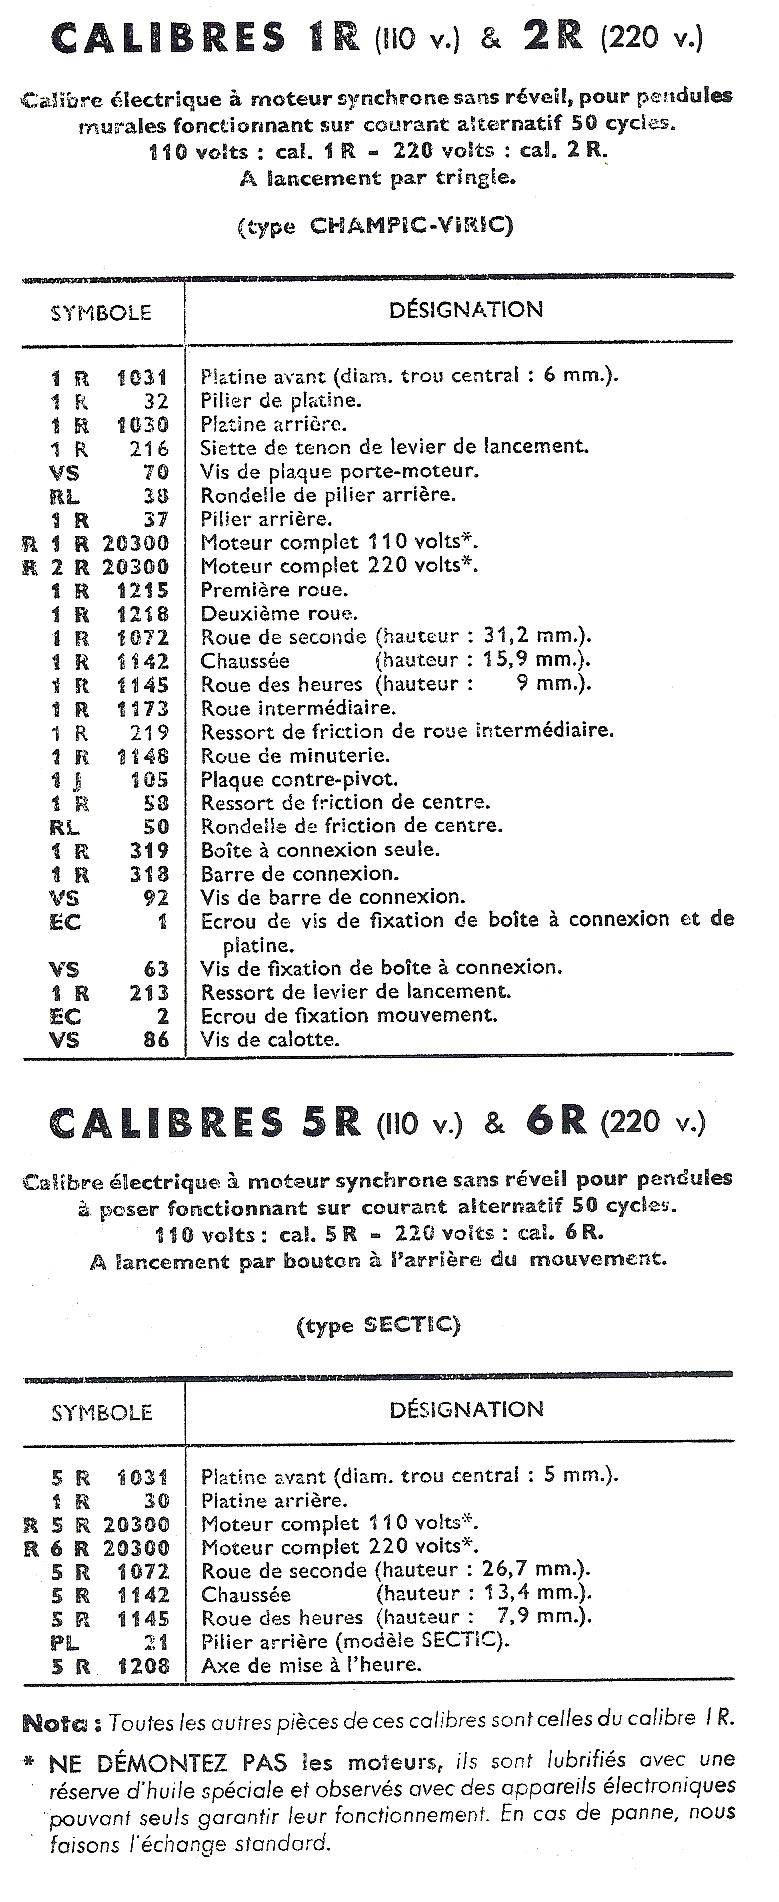 doc calibre R (3)